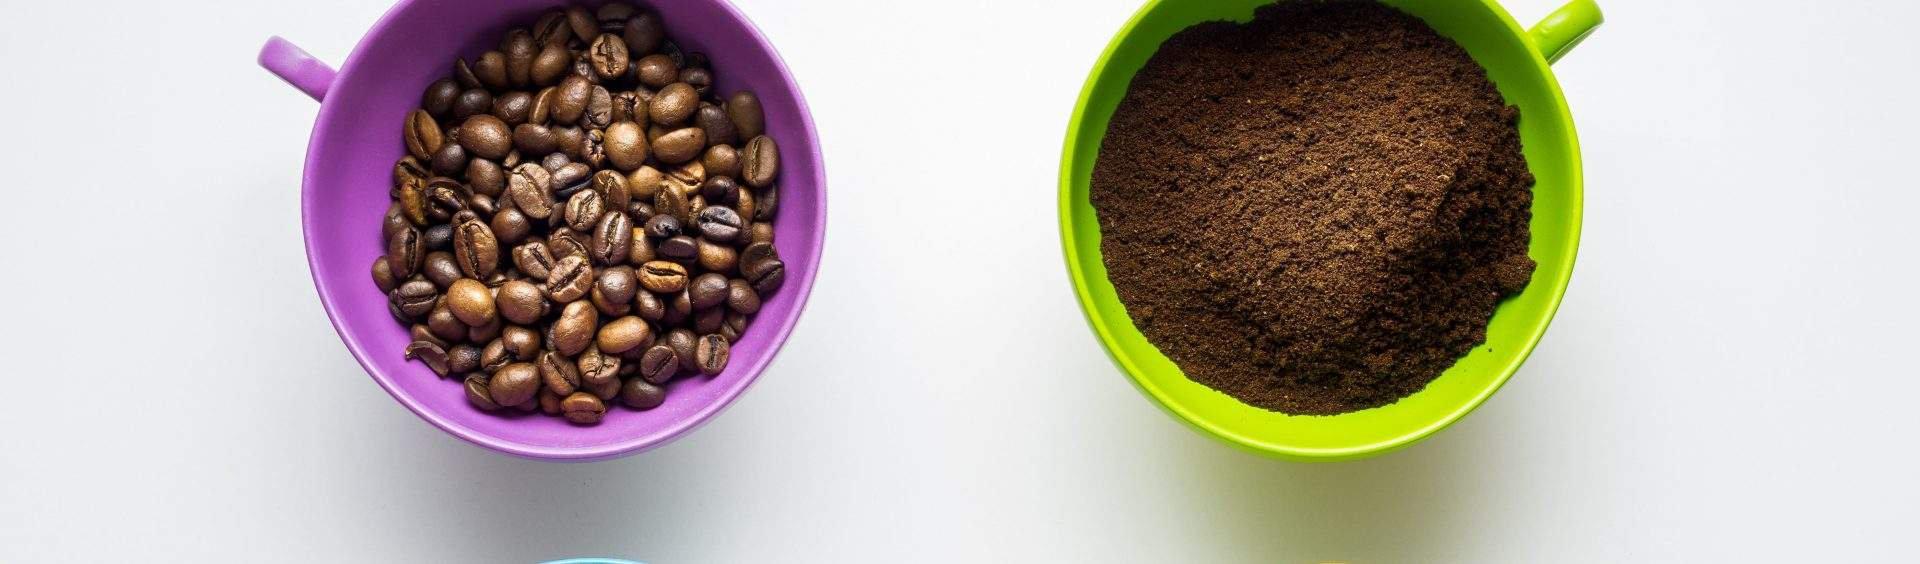 beber café reduz pressão arterial